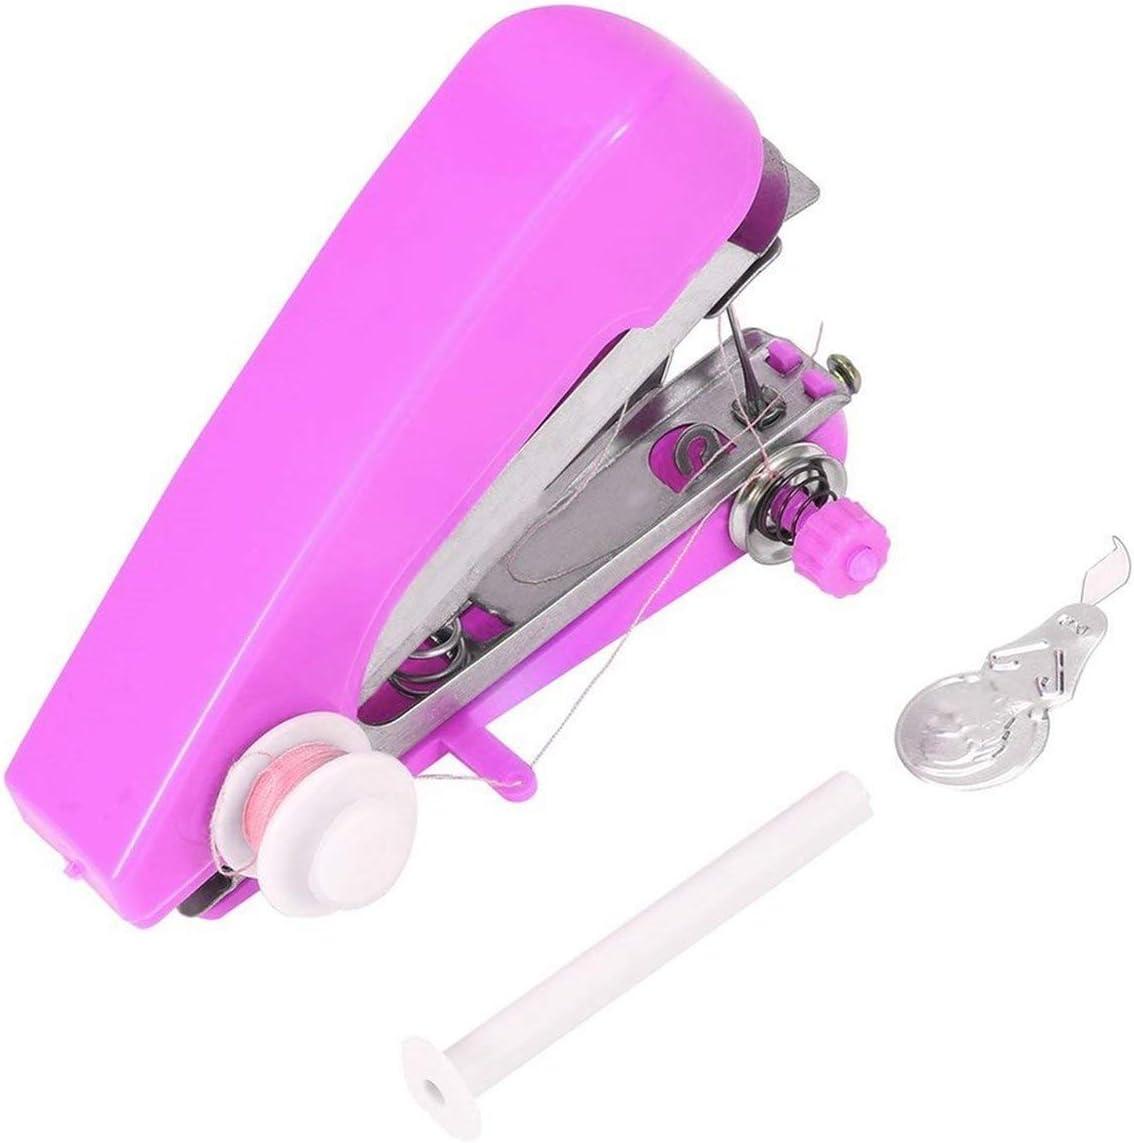 Inicio Uso Esencial para Viajes Mini portátil DIY Costura Máquinas de Coser a Mano inalámbricas Telas de Ropa de Mano Máquina de Coser eléctrica - Entrega aleatoria